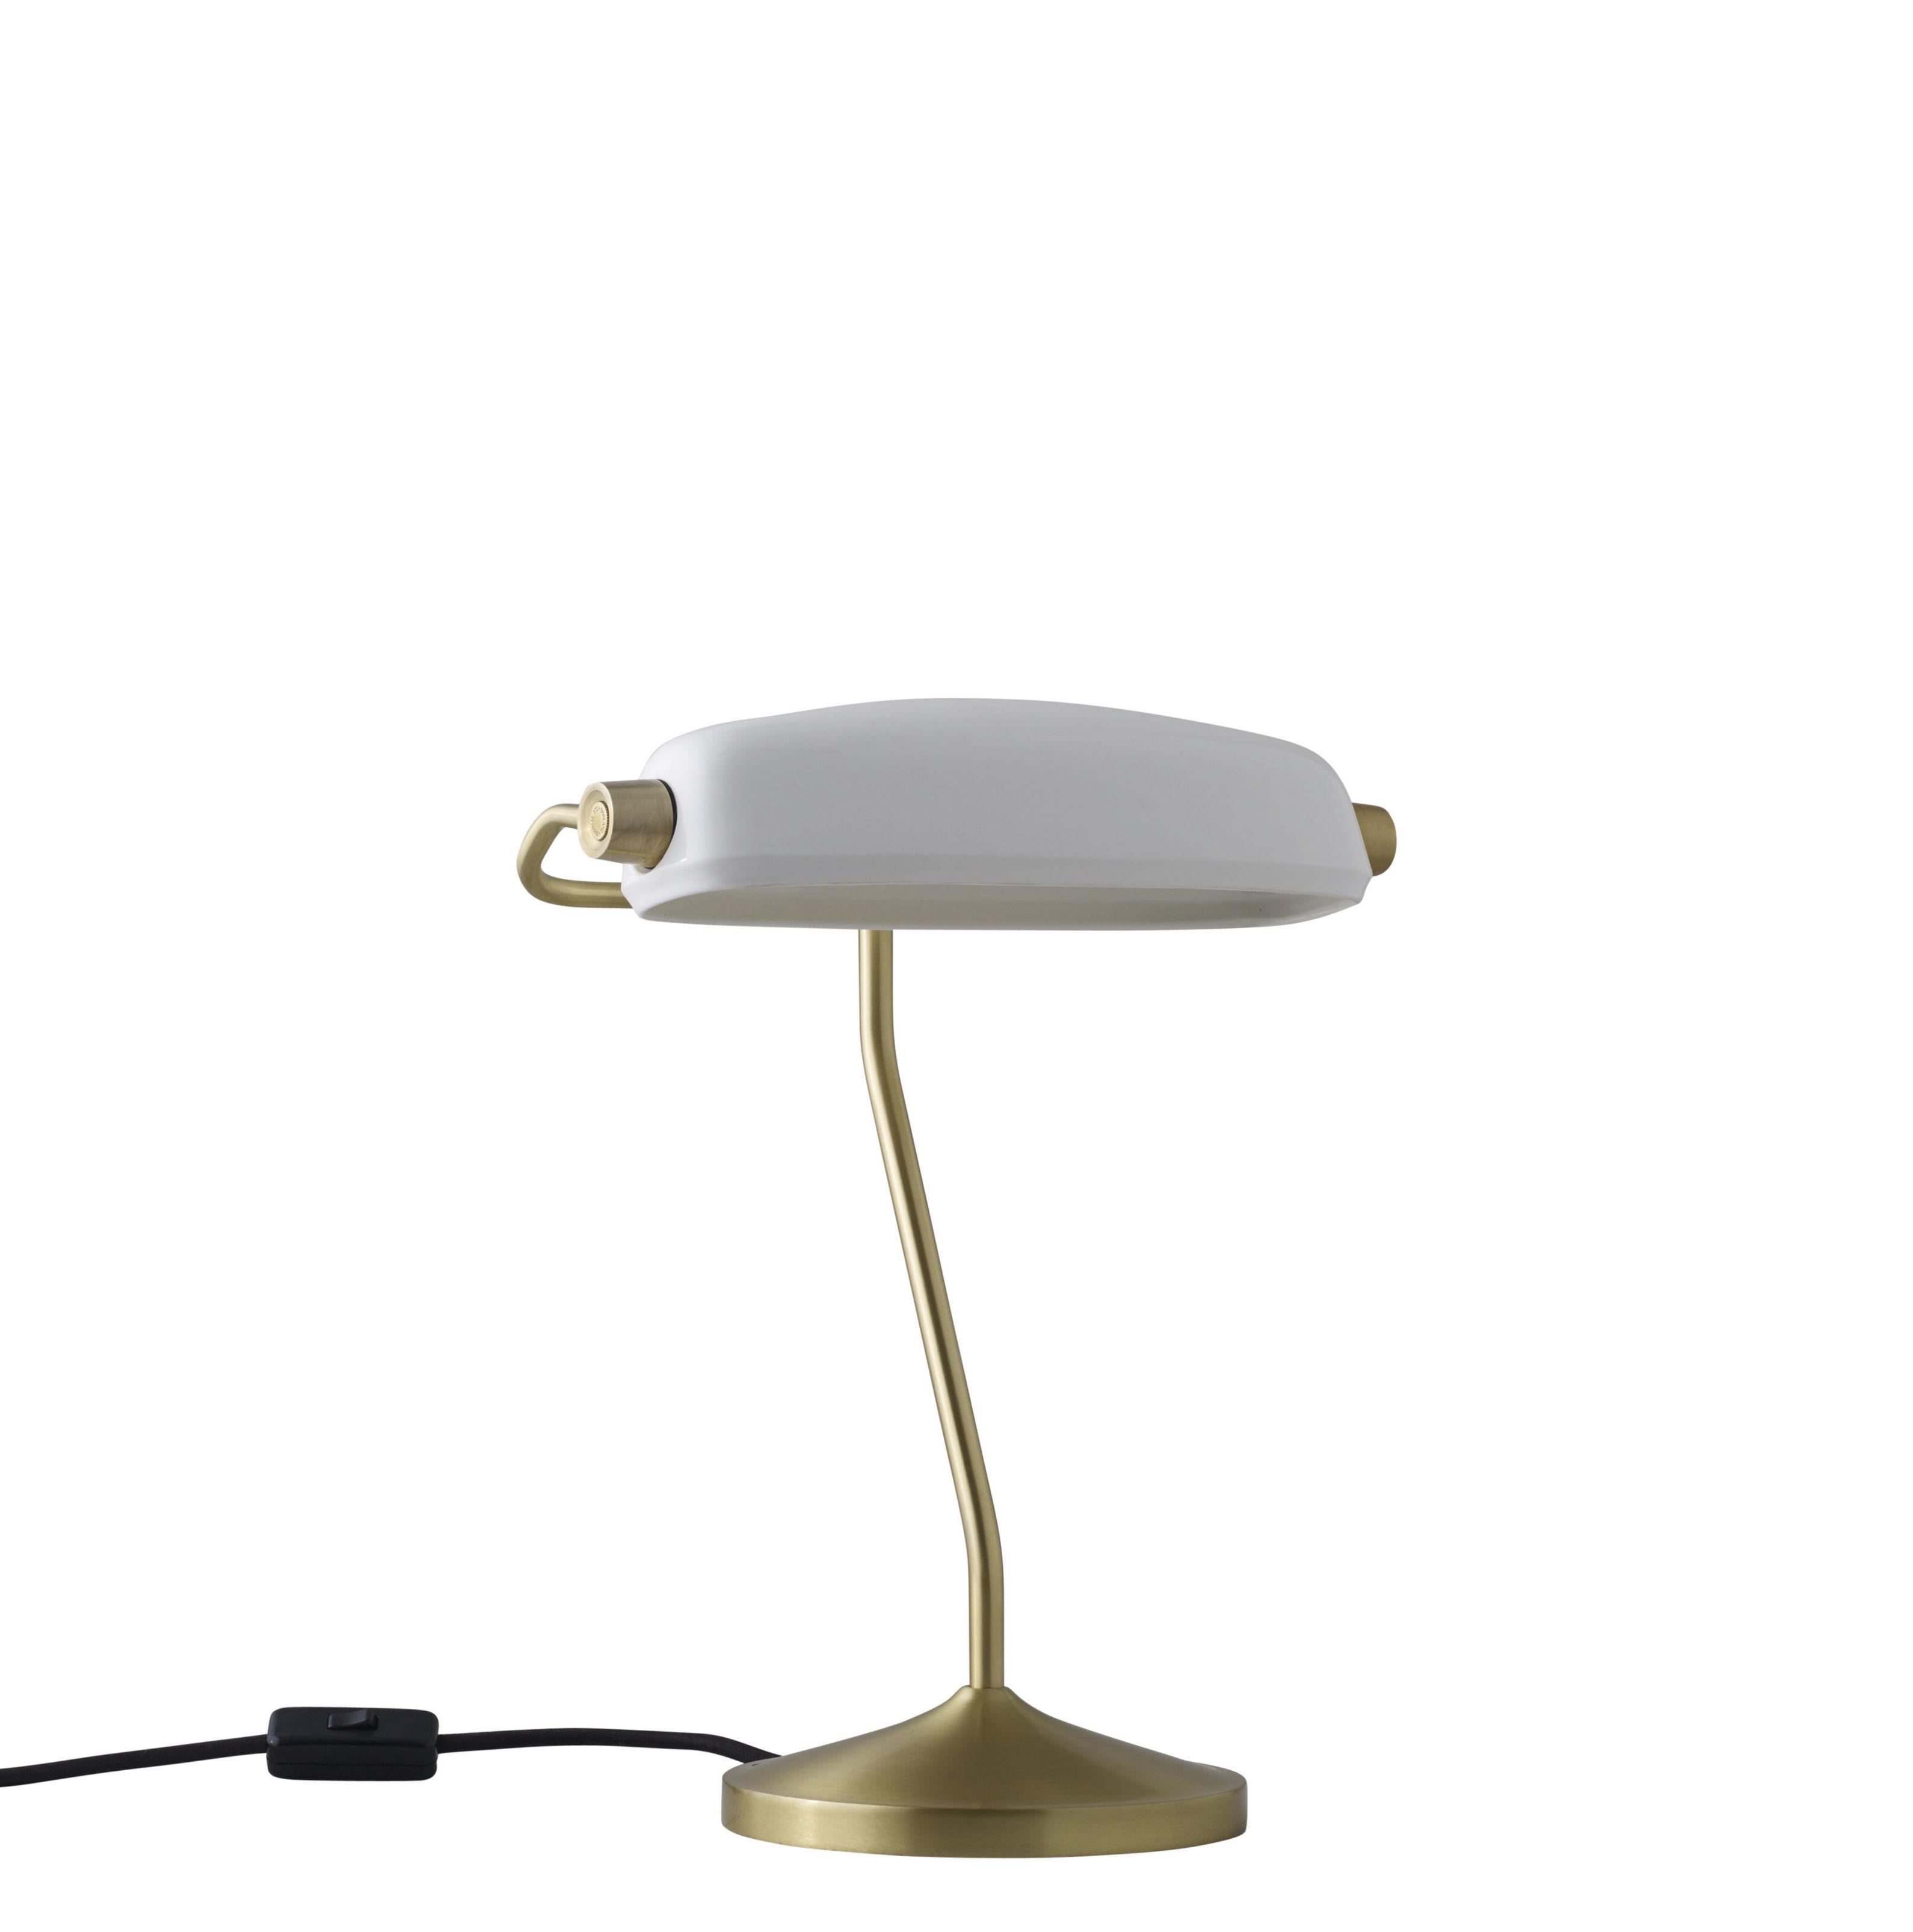 Leuchten - Arbeitsleuchten - Bankers Schreibtischlampe / handgefertigt - H 41 cm - Original BTC - Messing / Porzellan - Messing, Porzellan